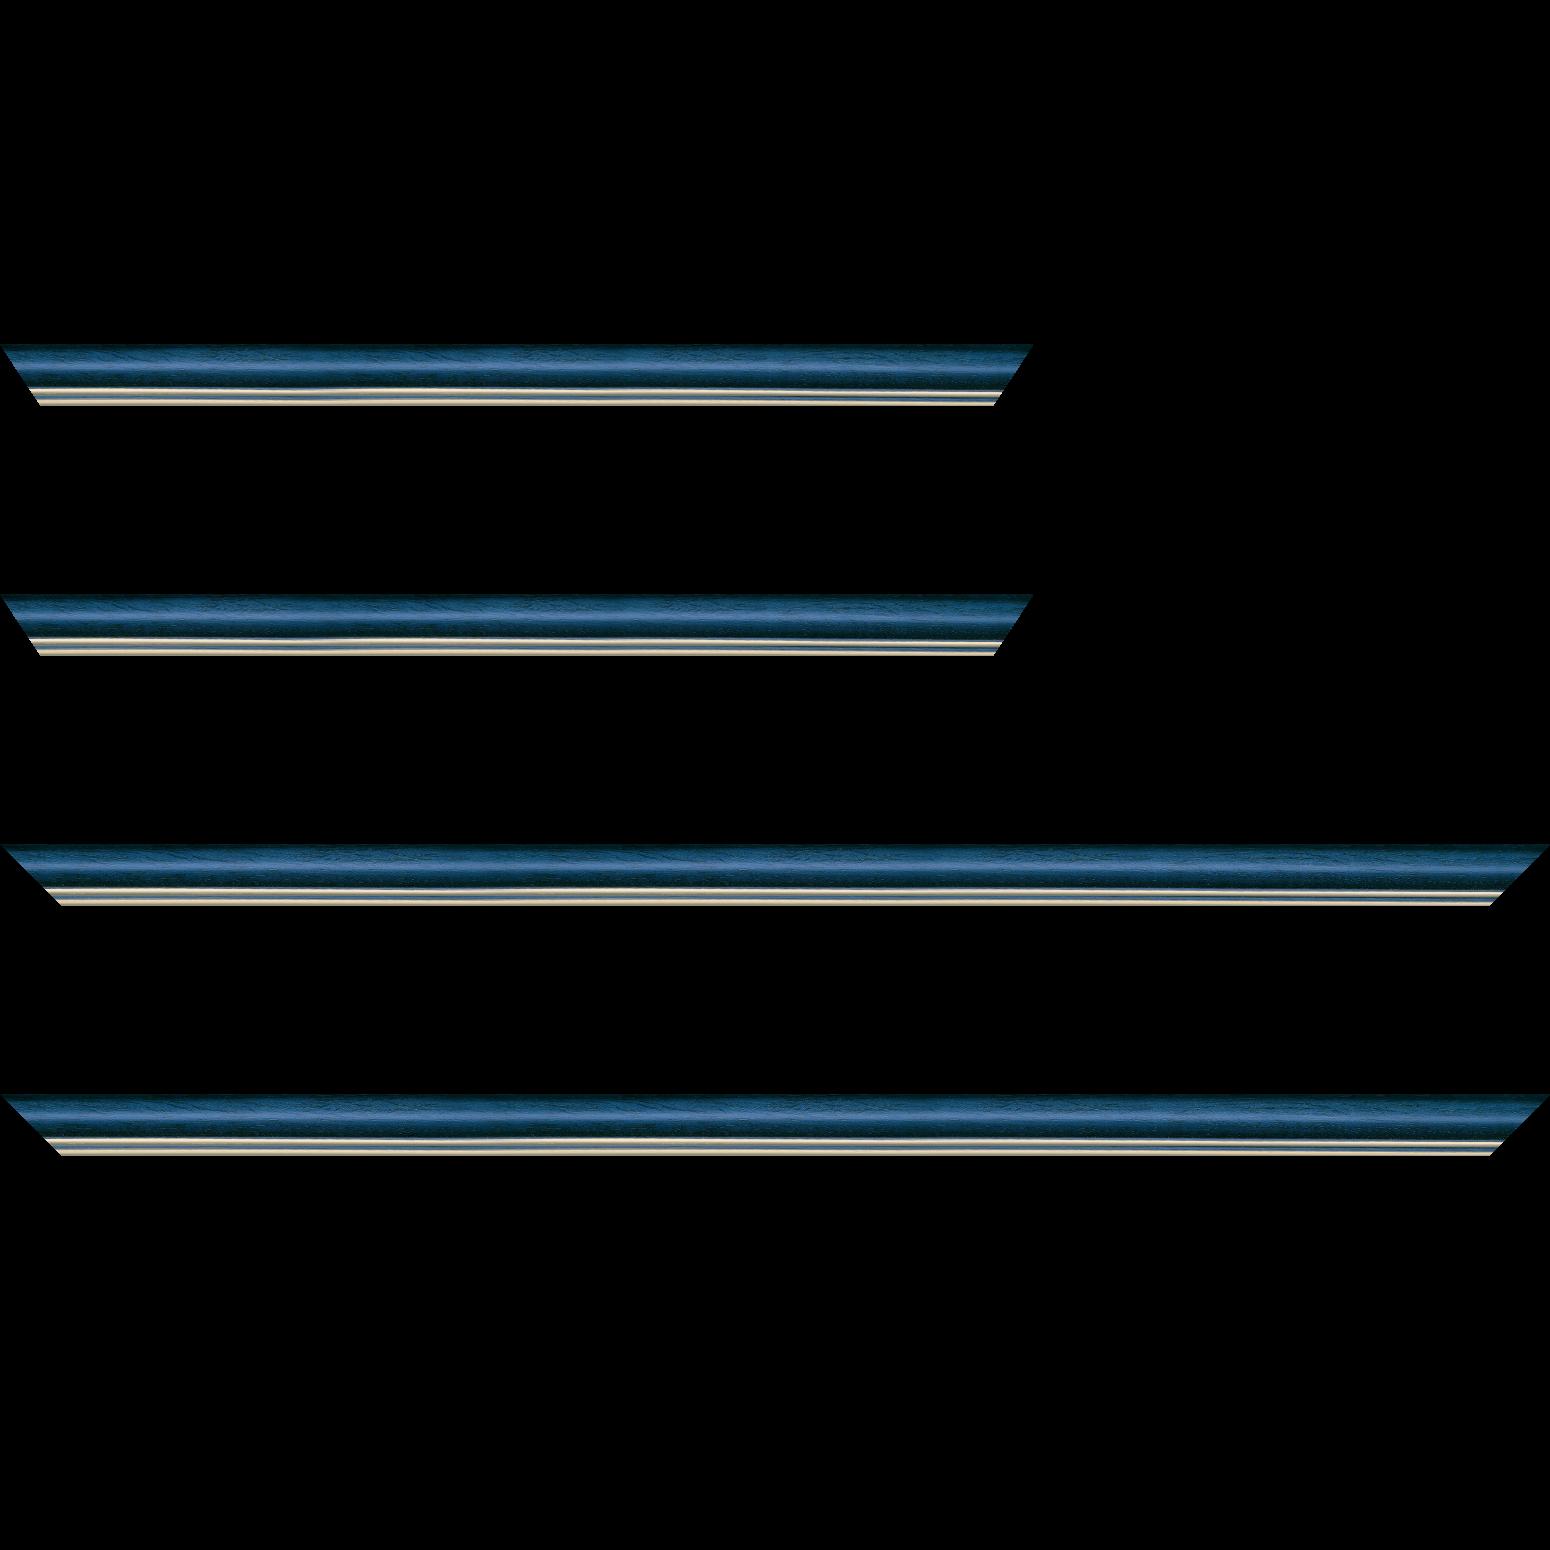 Baguette service précoupé Bois profil doucine inversée largeur 2.3cm bleu tropical satiné double filet or